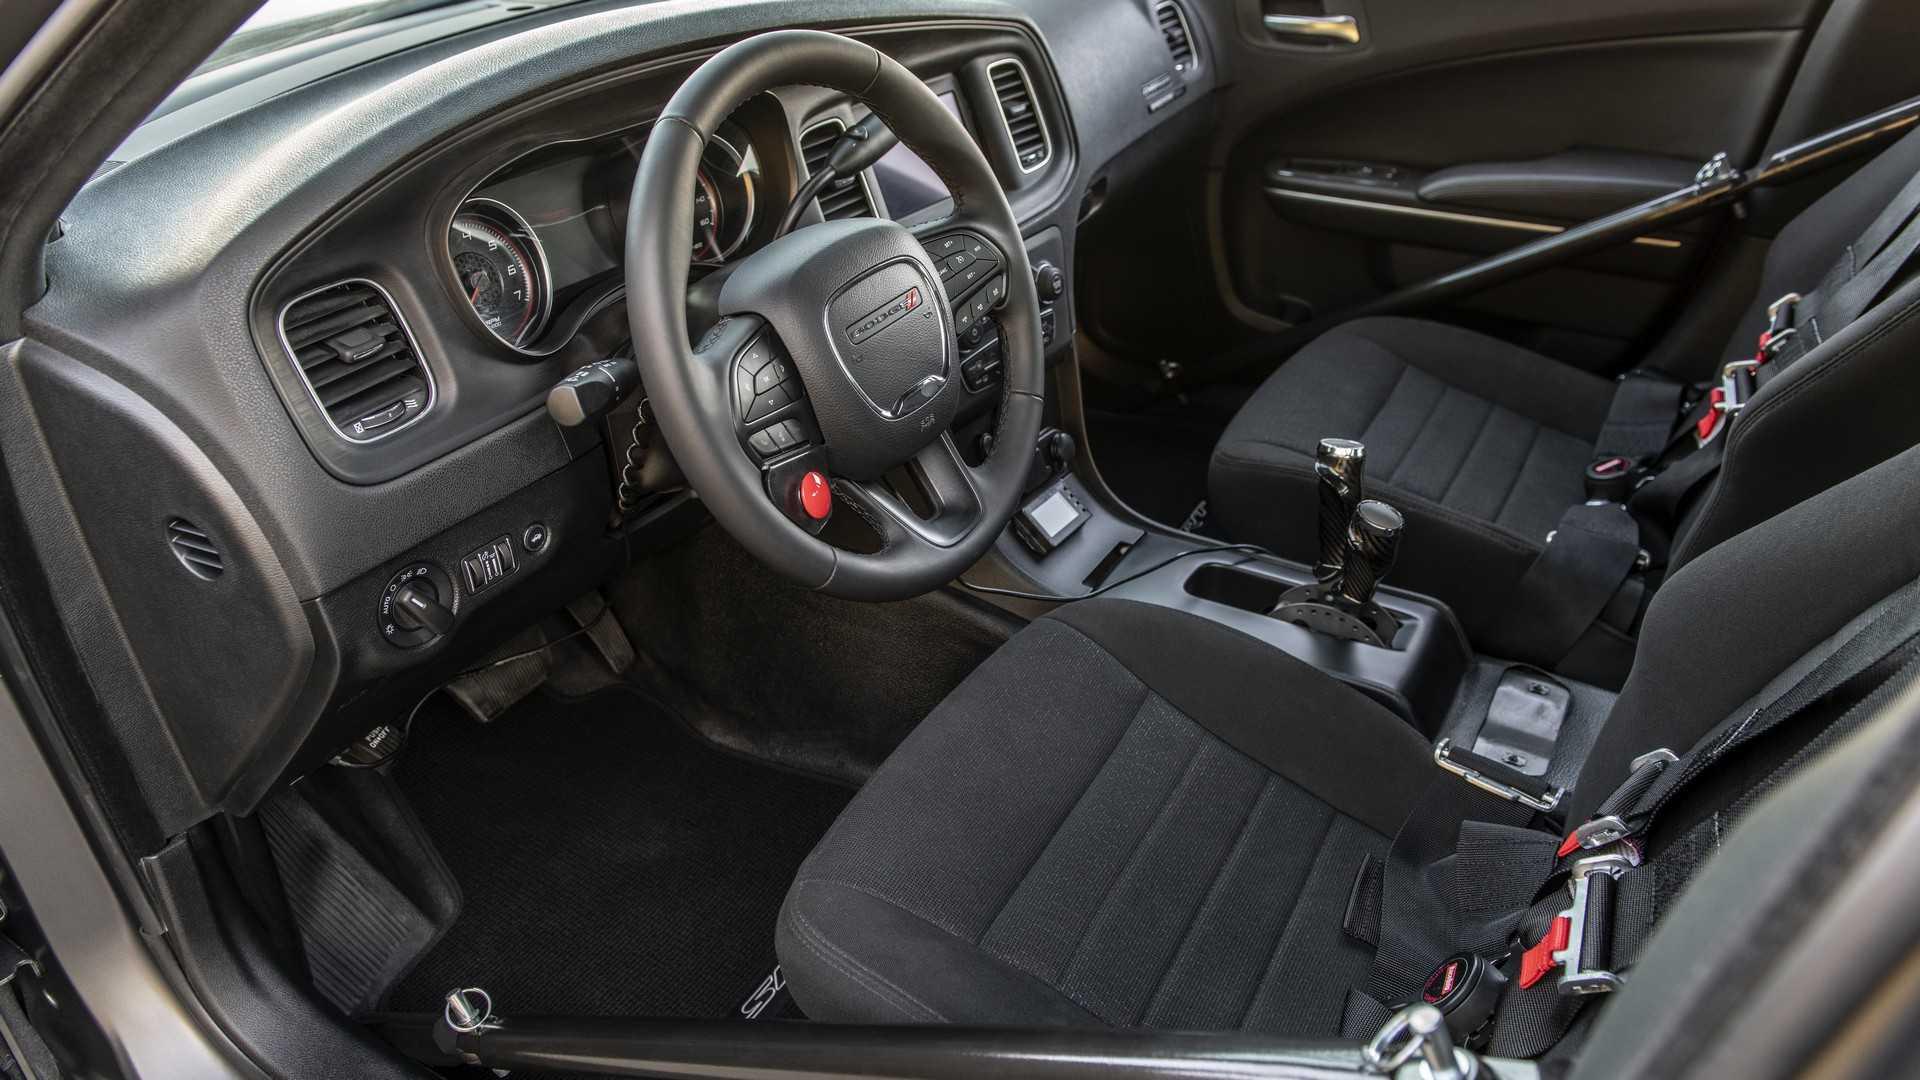 دودج تشارجر معدلة بقوة تضاهي بوجاتي شيرون! SpeedKore-Dodge-Charger-40.jpg